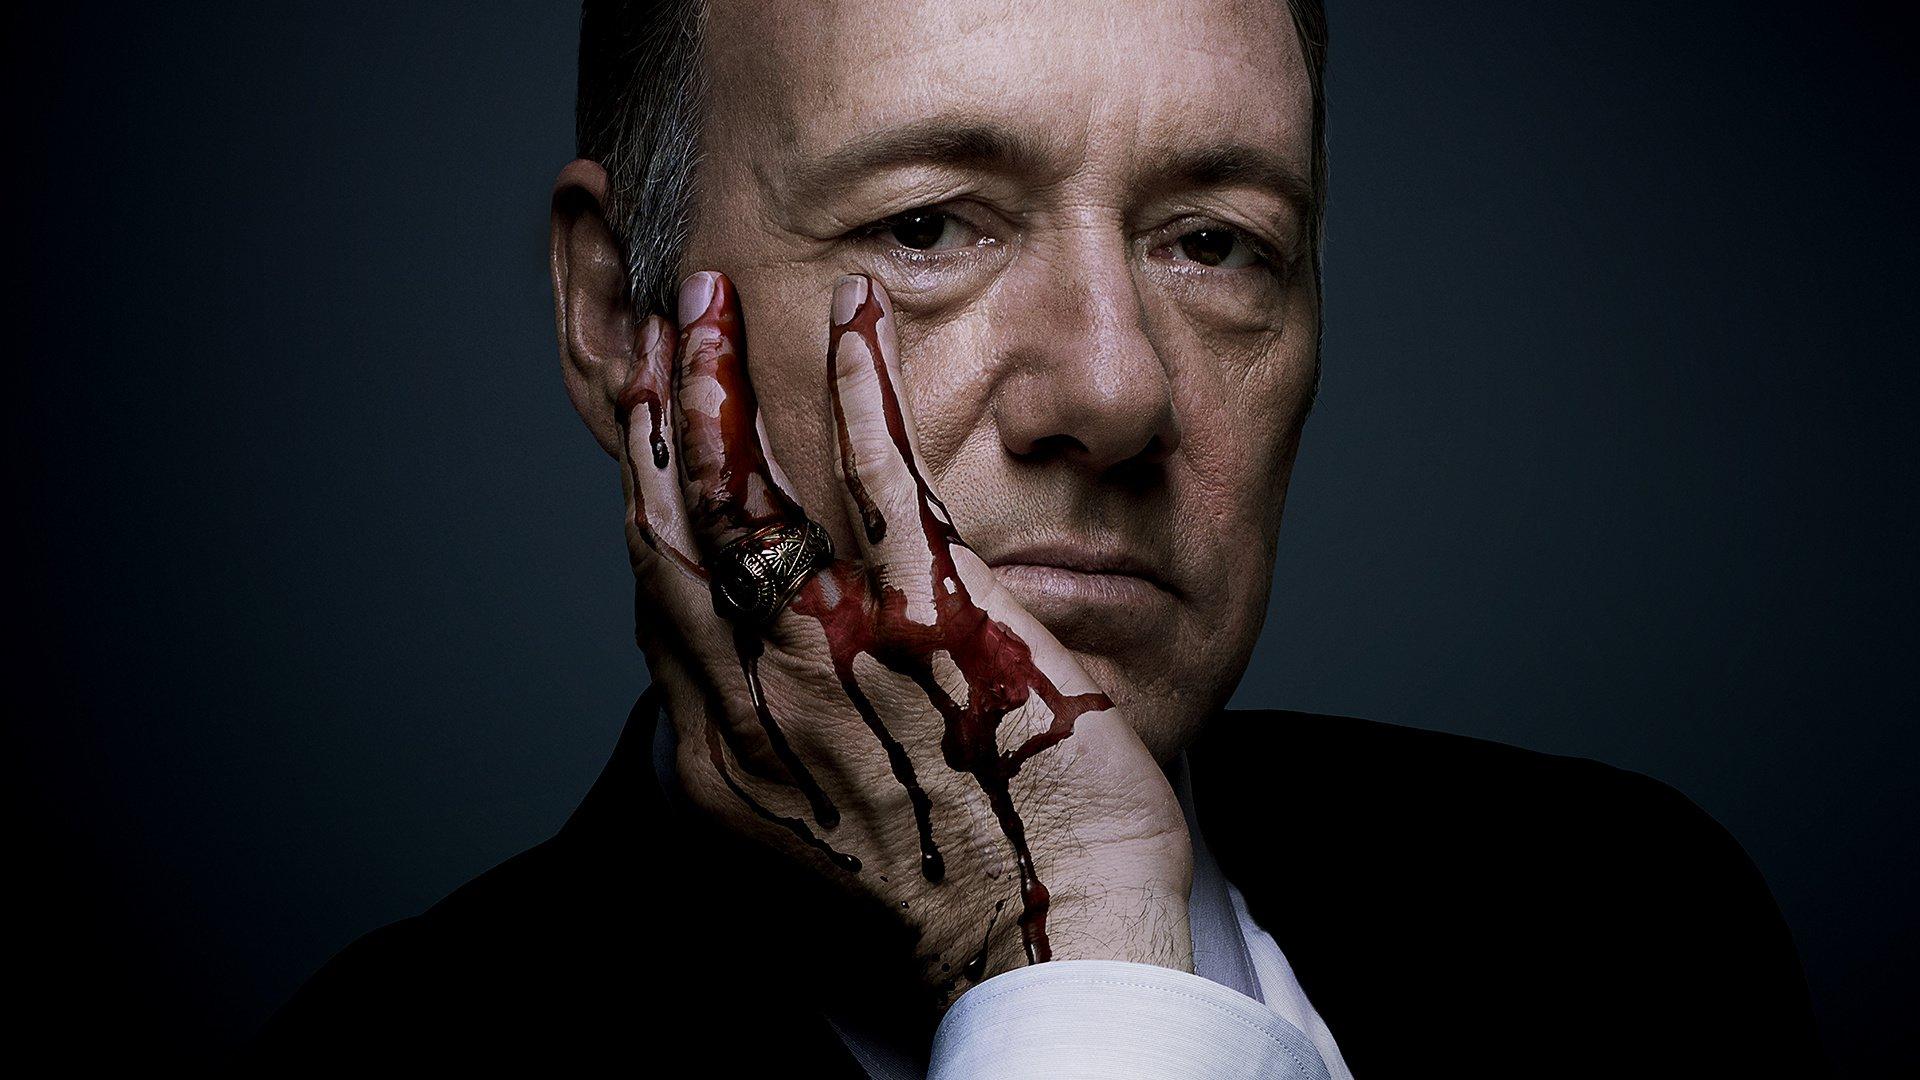 House of Cards - Sucesso absoluto de crítica, inclusive em premiações, trata da política de dentro do Congresso norte-americano